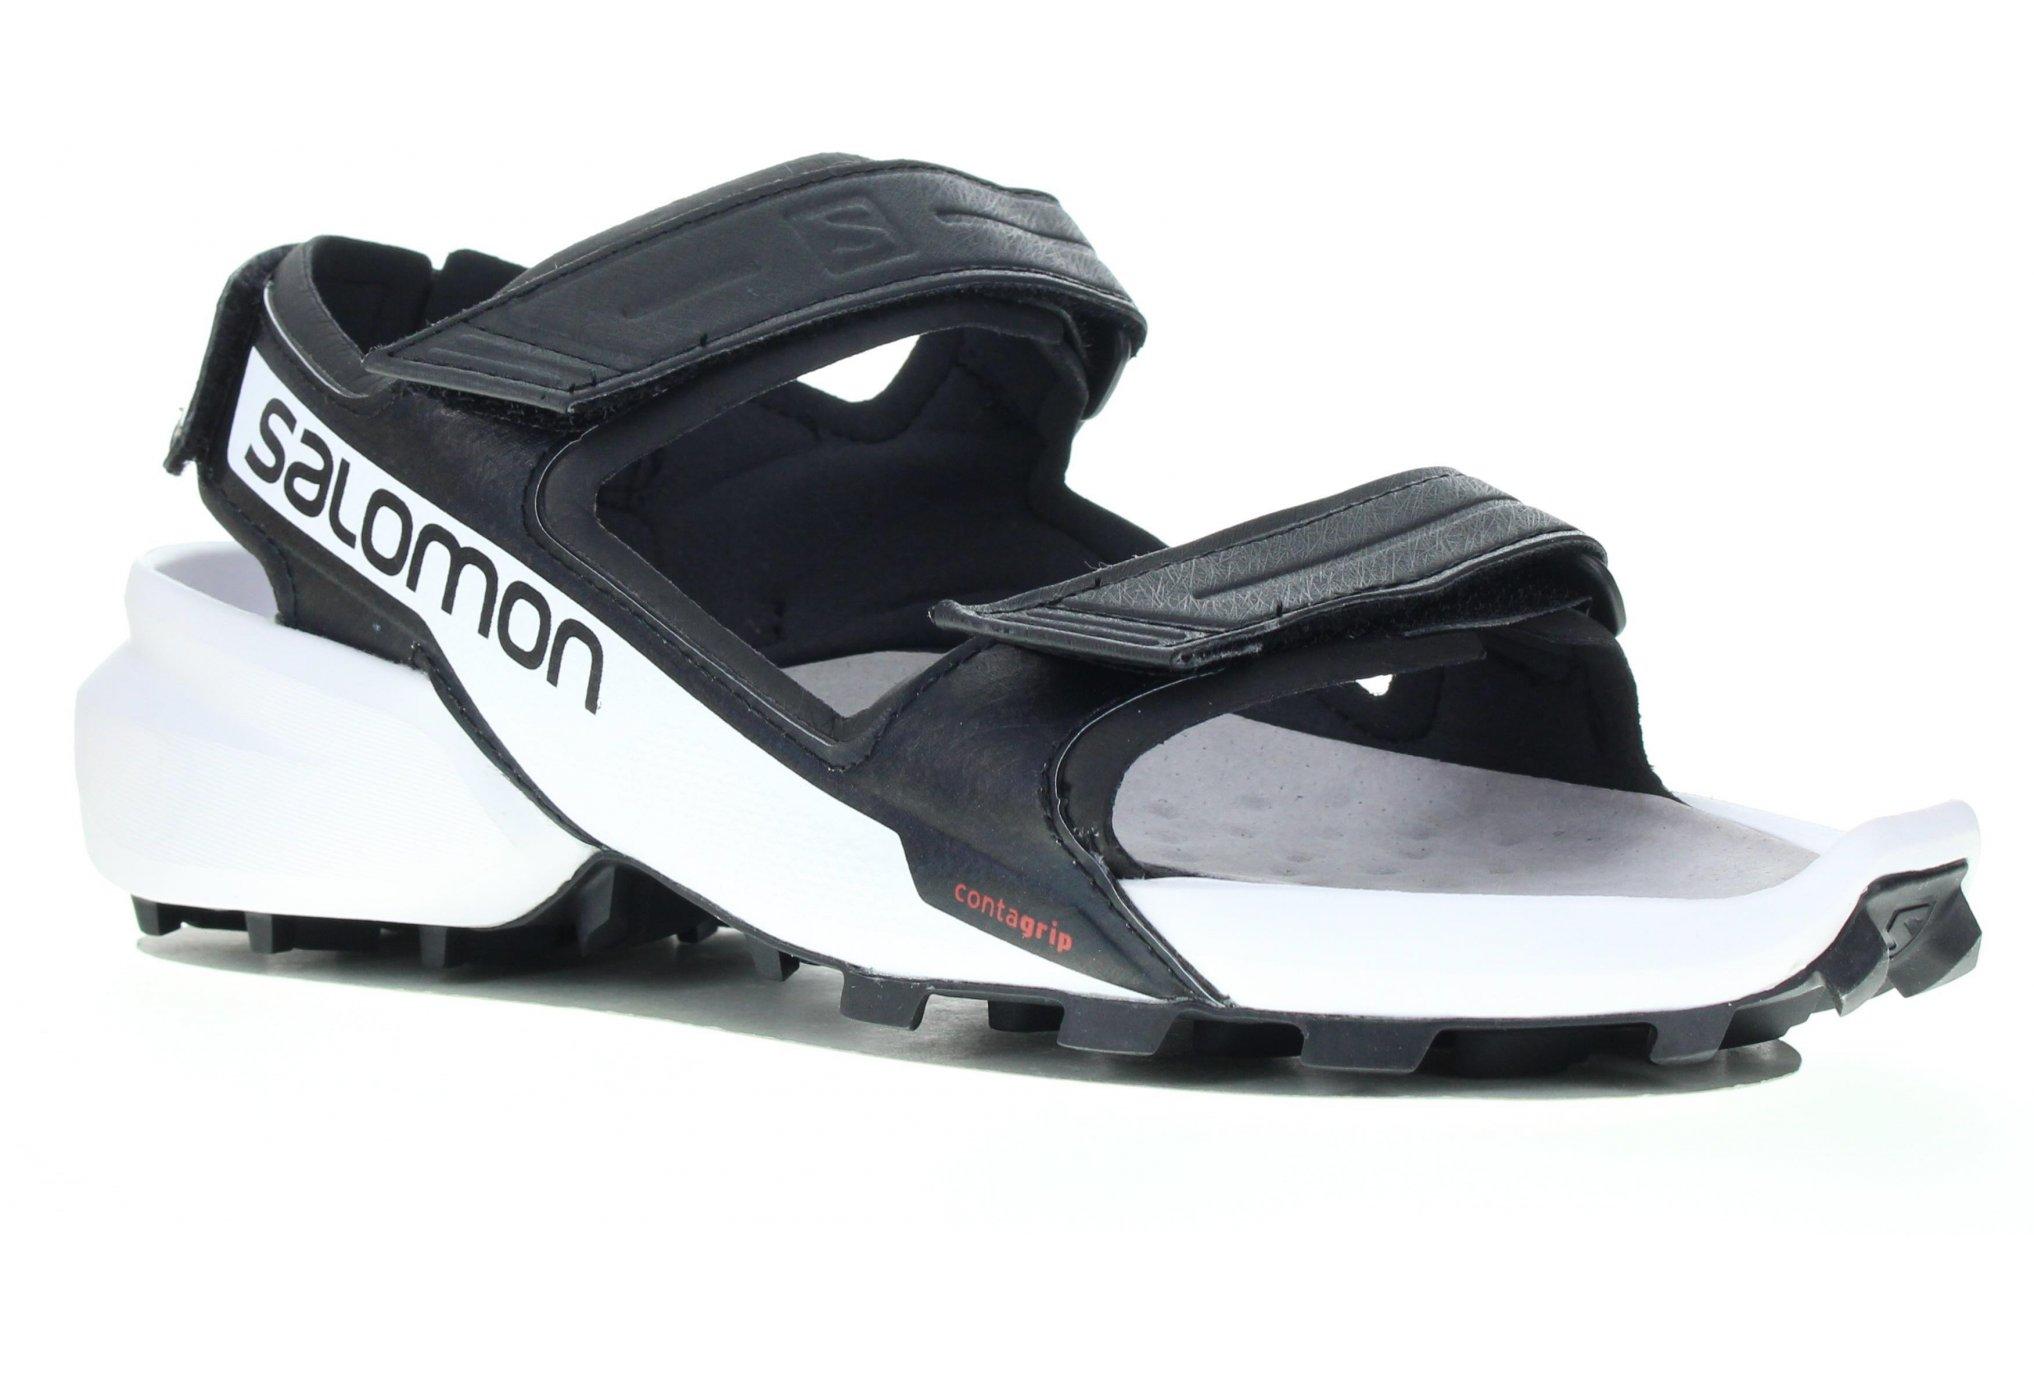 Salomon Speedcross Sandal W Diététique Chaussures femme